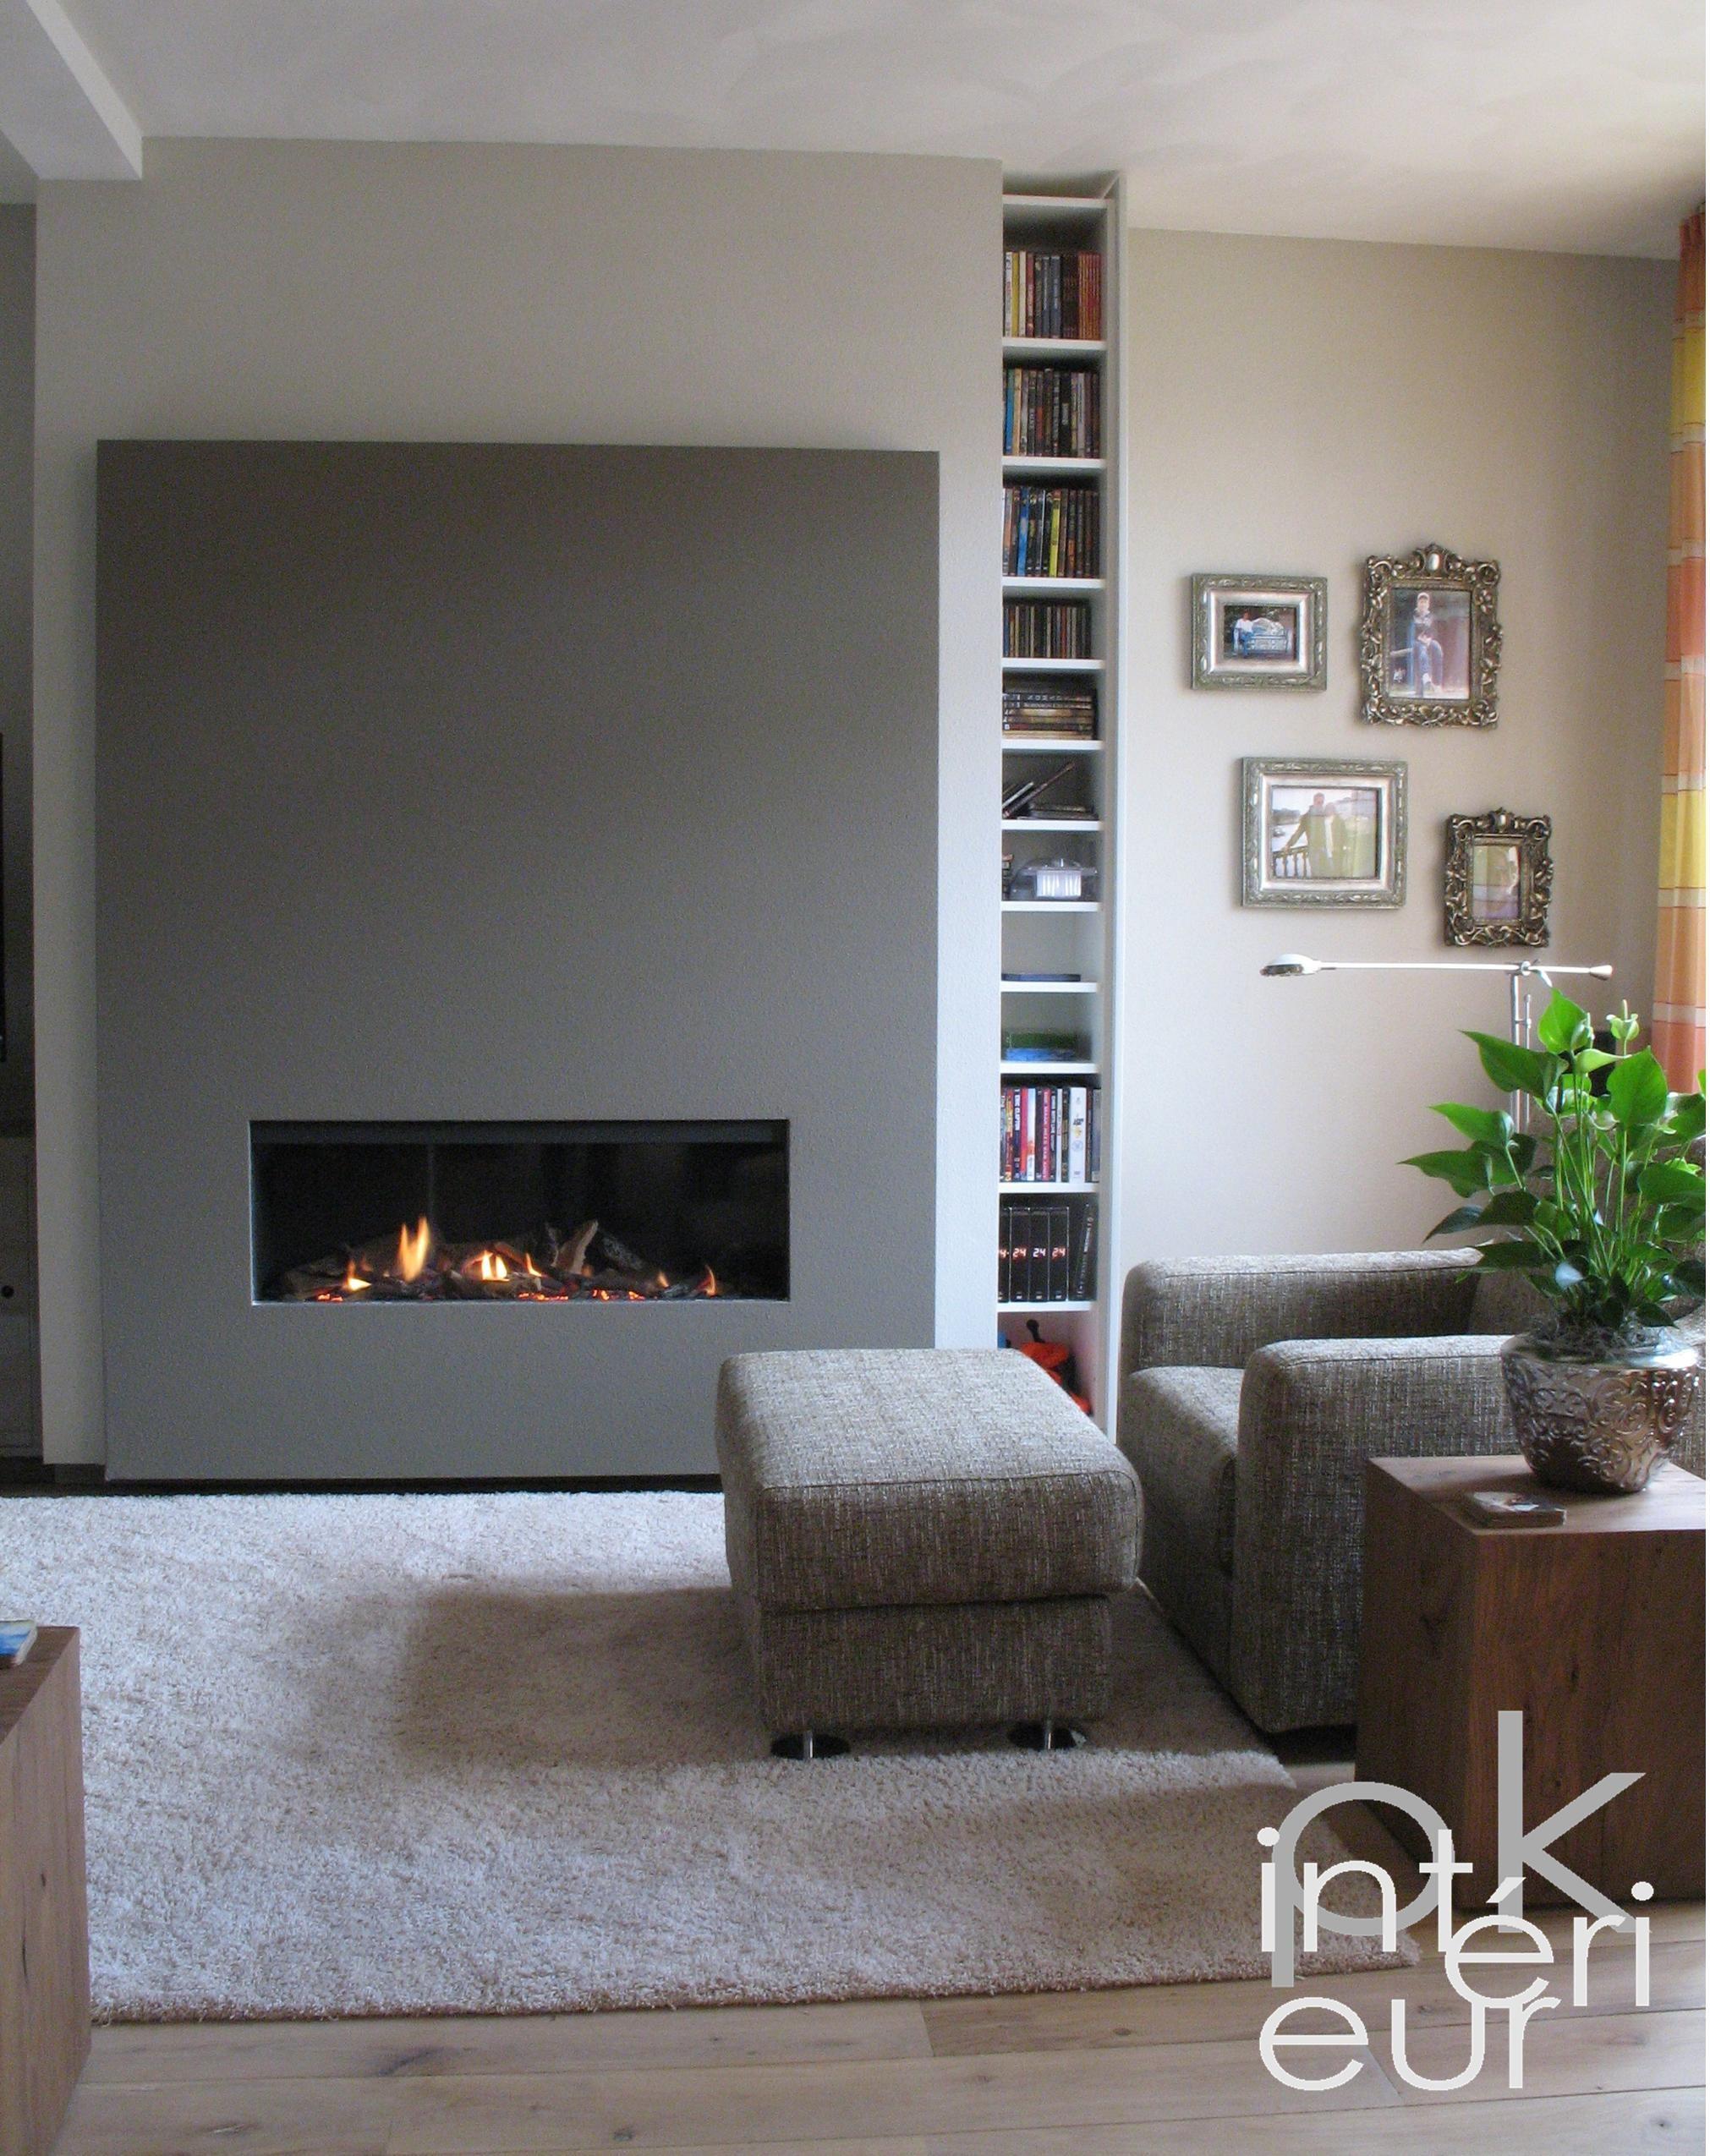 Spa decor rénovation de votre maison à lyon grand lyon et rhône